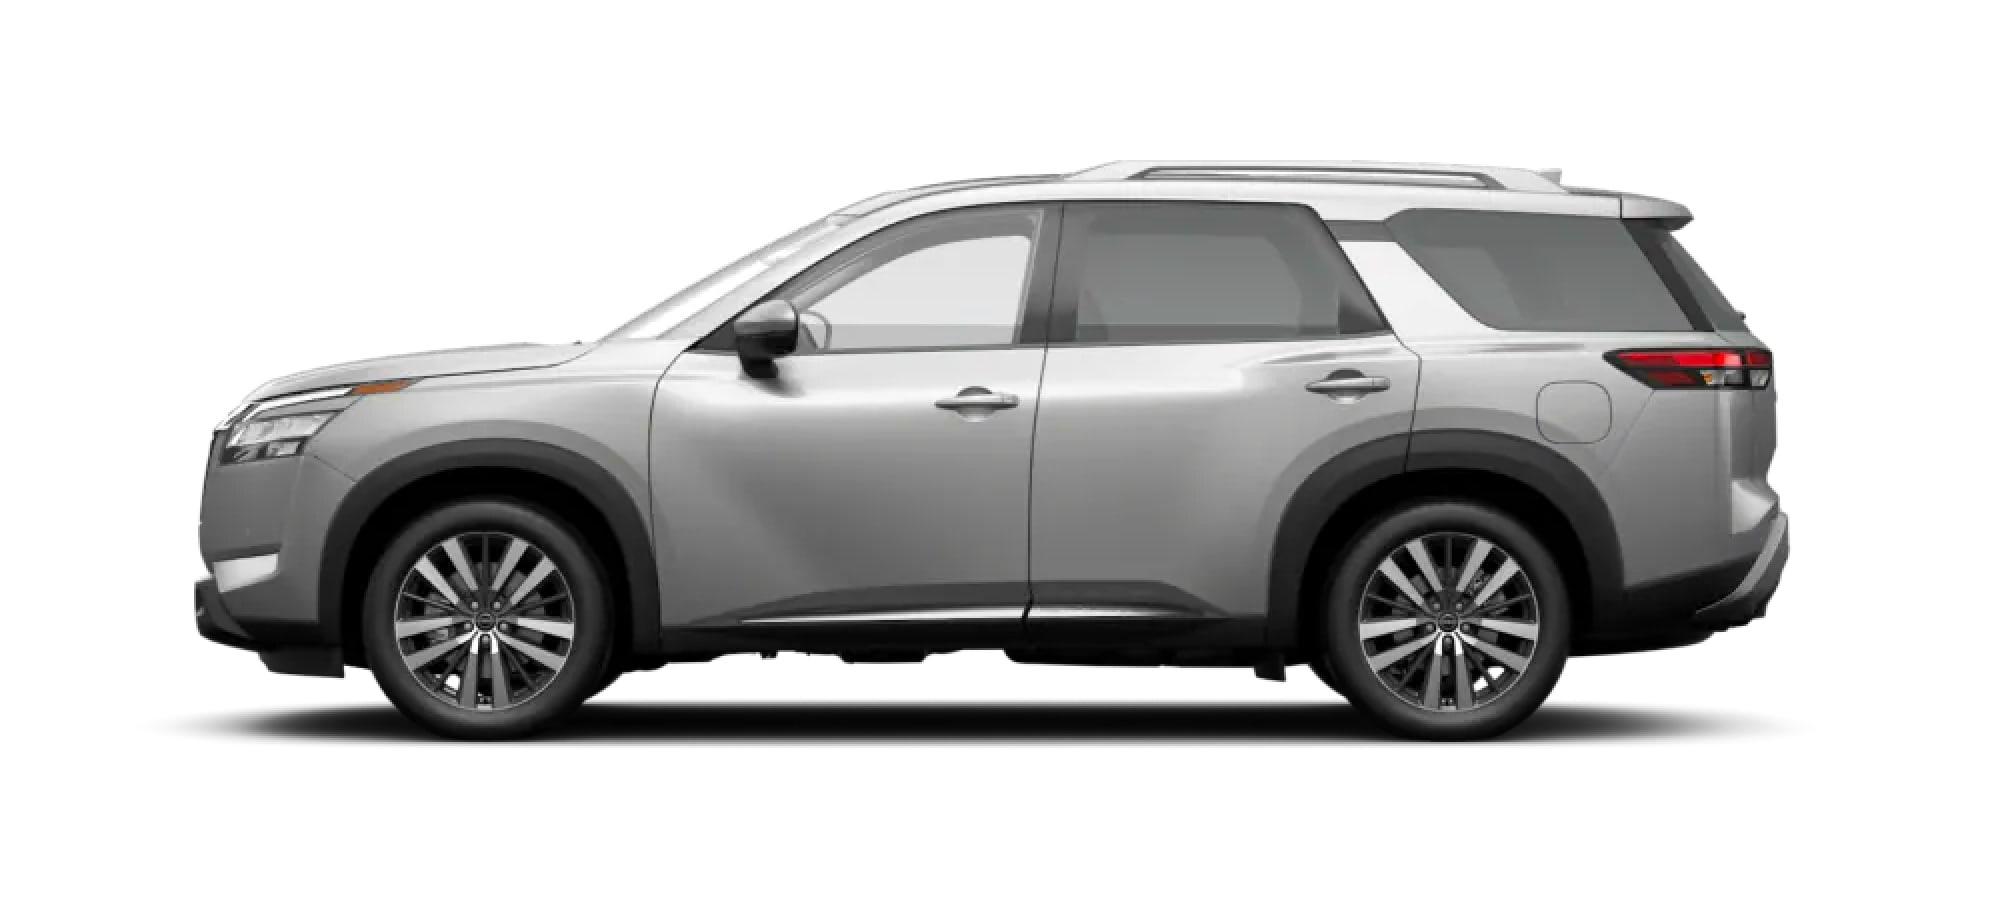 2022 Nissan Pathfinder in Brilliant Silver Metallic